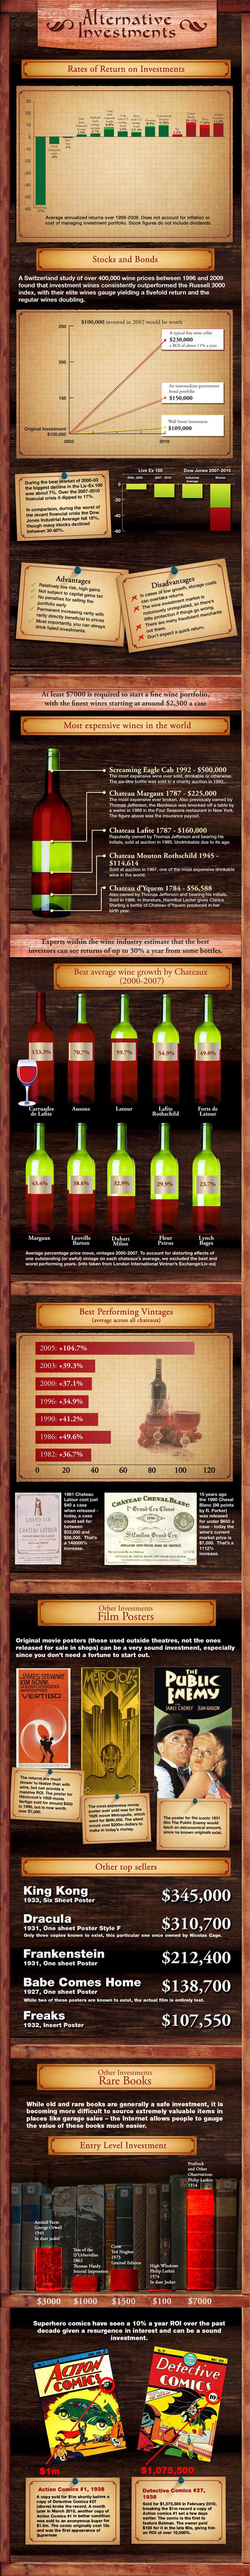 8. Wine price Hike